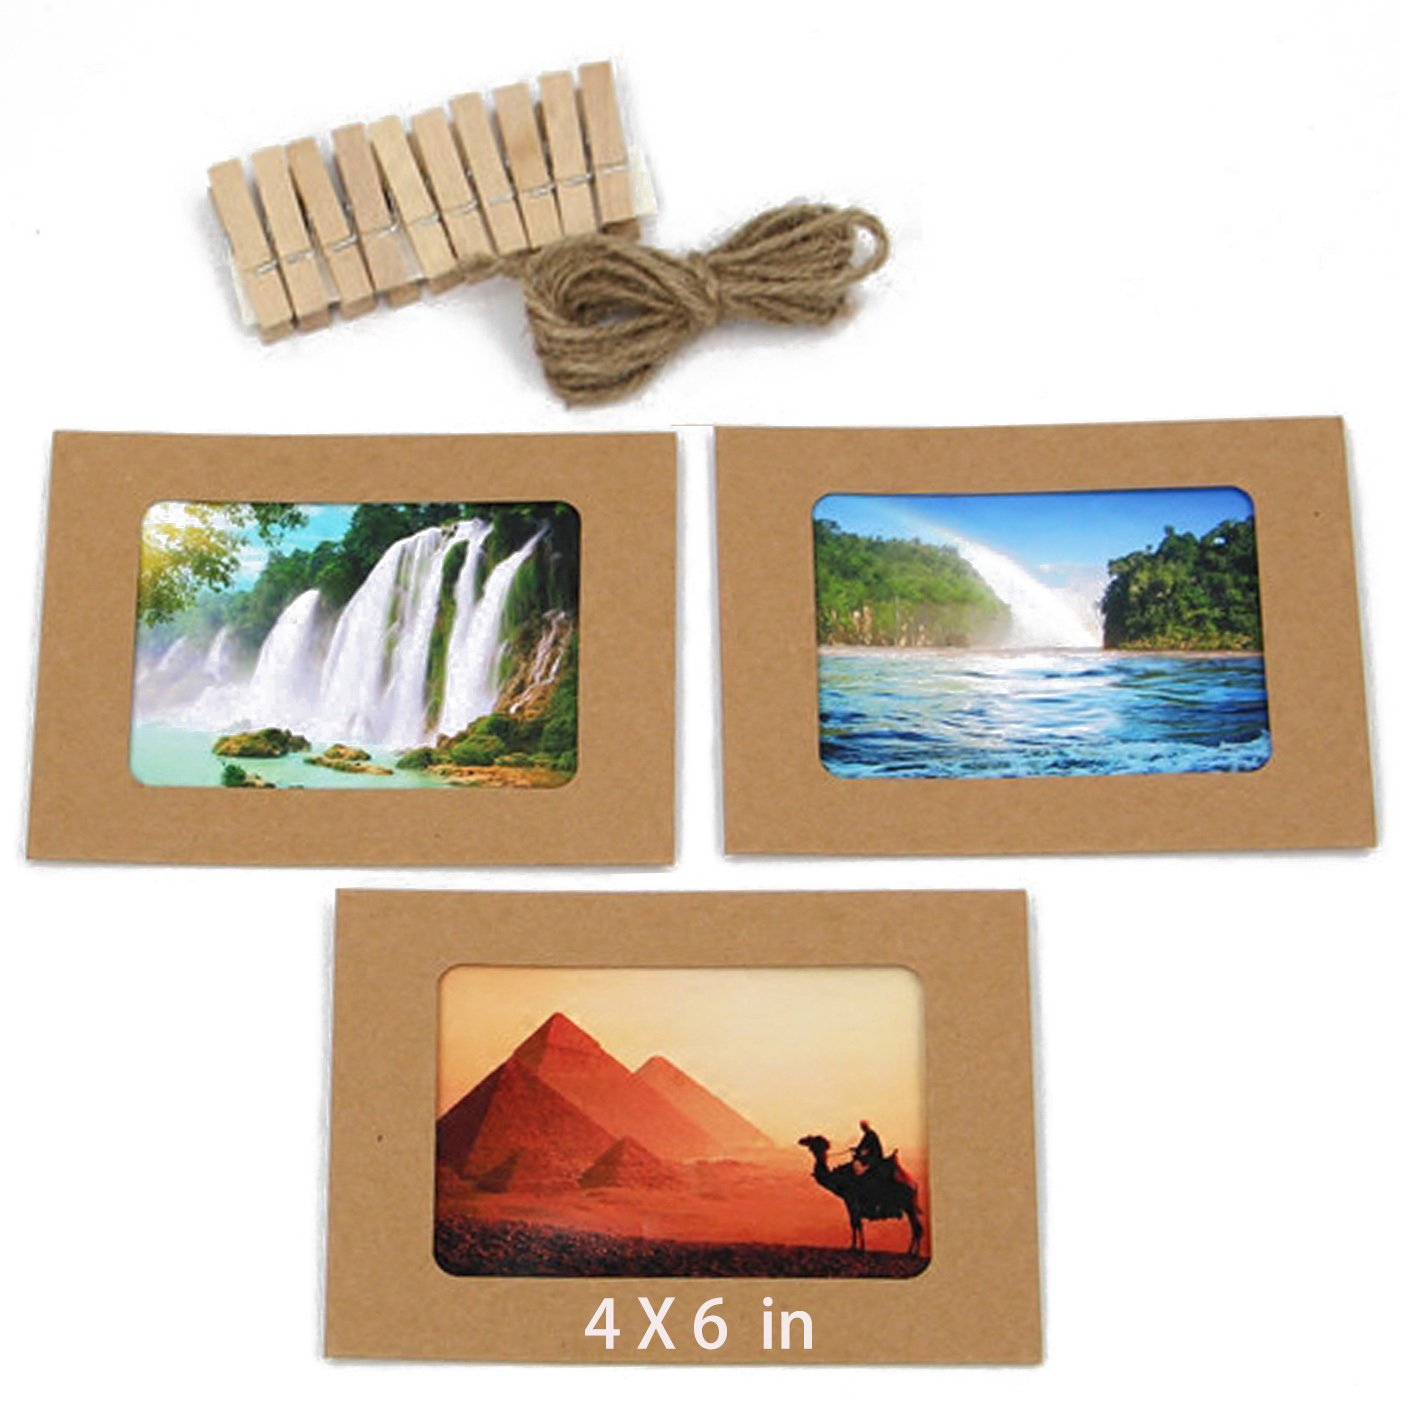 Atemberaubend Karton Fotorahmen 4x6 Ideen - Benutzerdefinierte ...